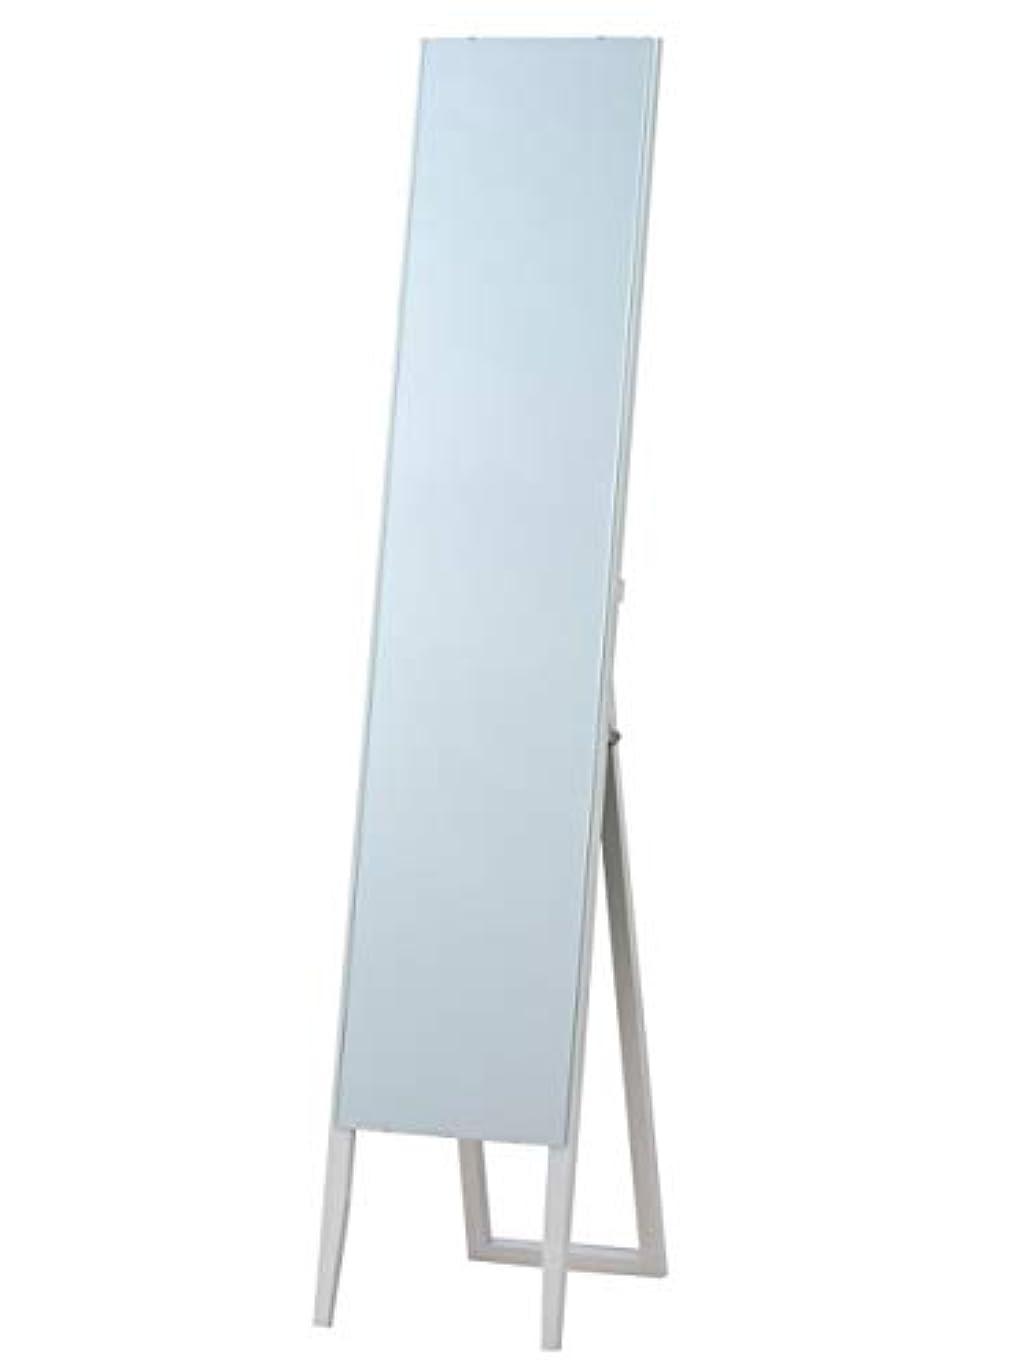 無線いとこちょうつがい枠なし ノンフレーム スタンドミラー ホワイト(白) 全身鏡 幅30cm x 高さ150cm 飛散防止 シンプル ミラー ショップ 催事 百貨店 店舗 姿見